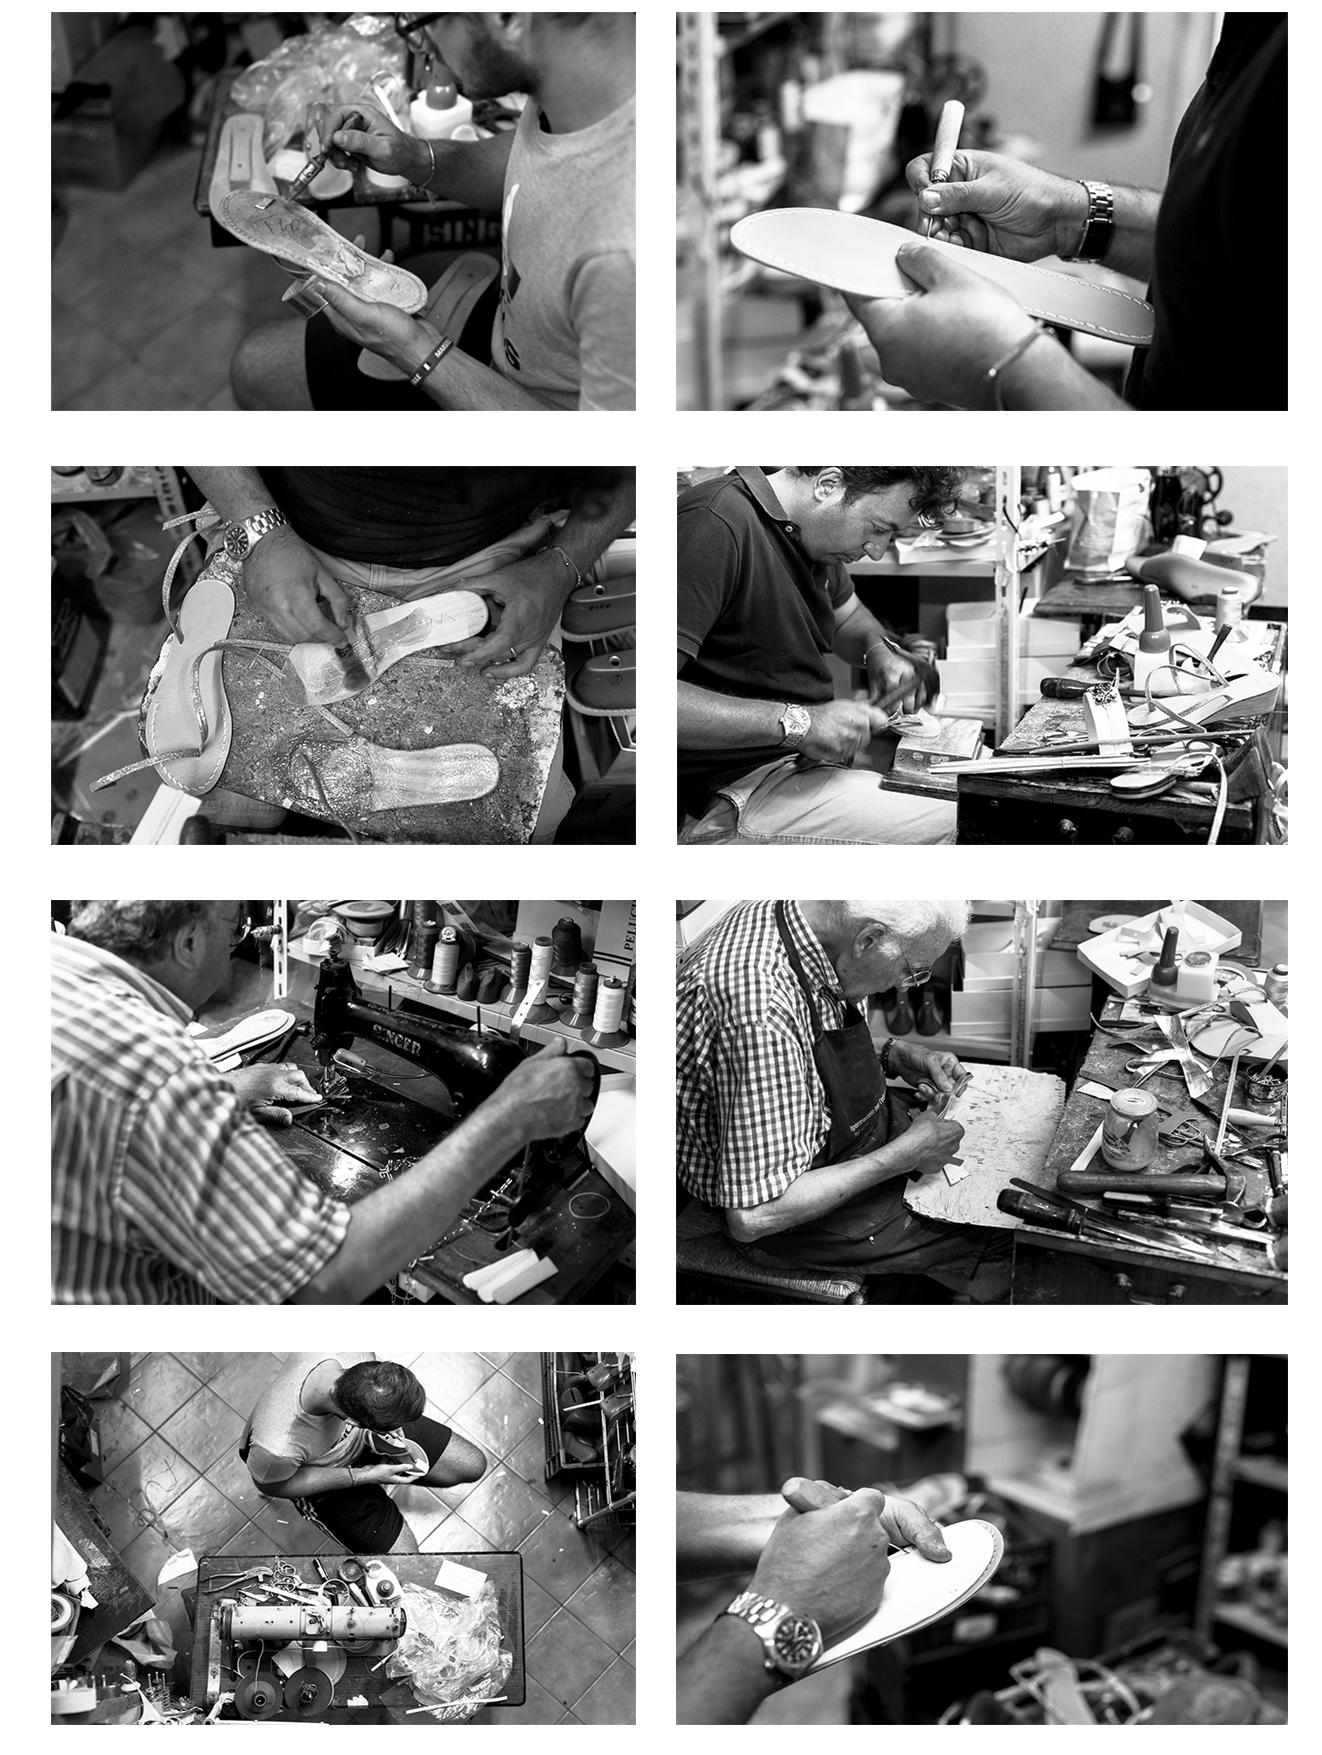 Laboratorio artigianale di Sandali